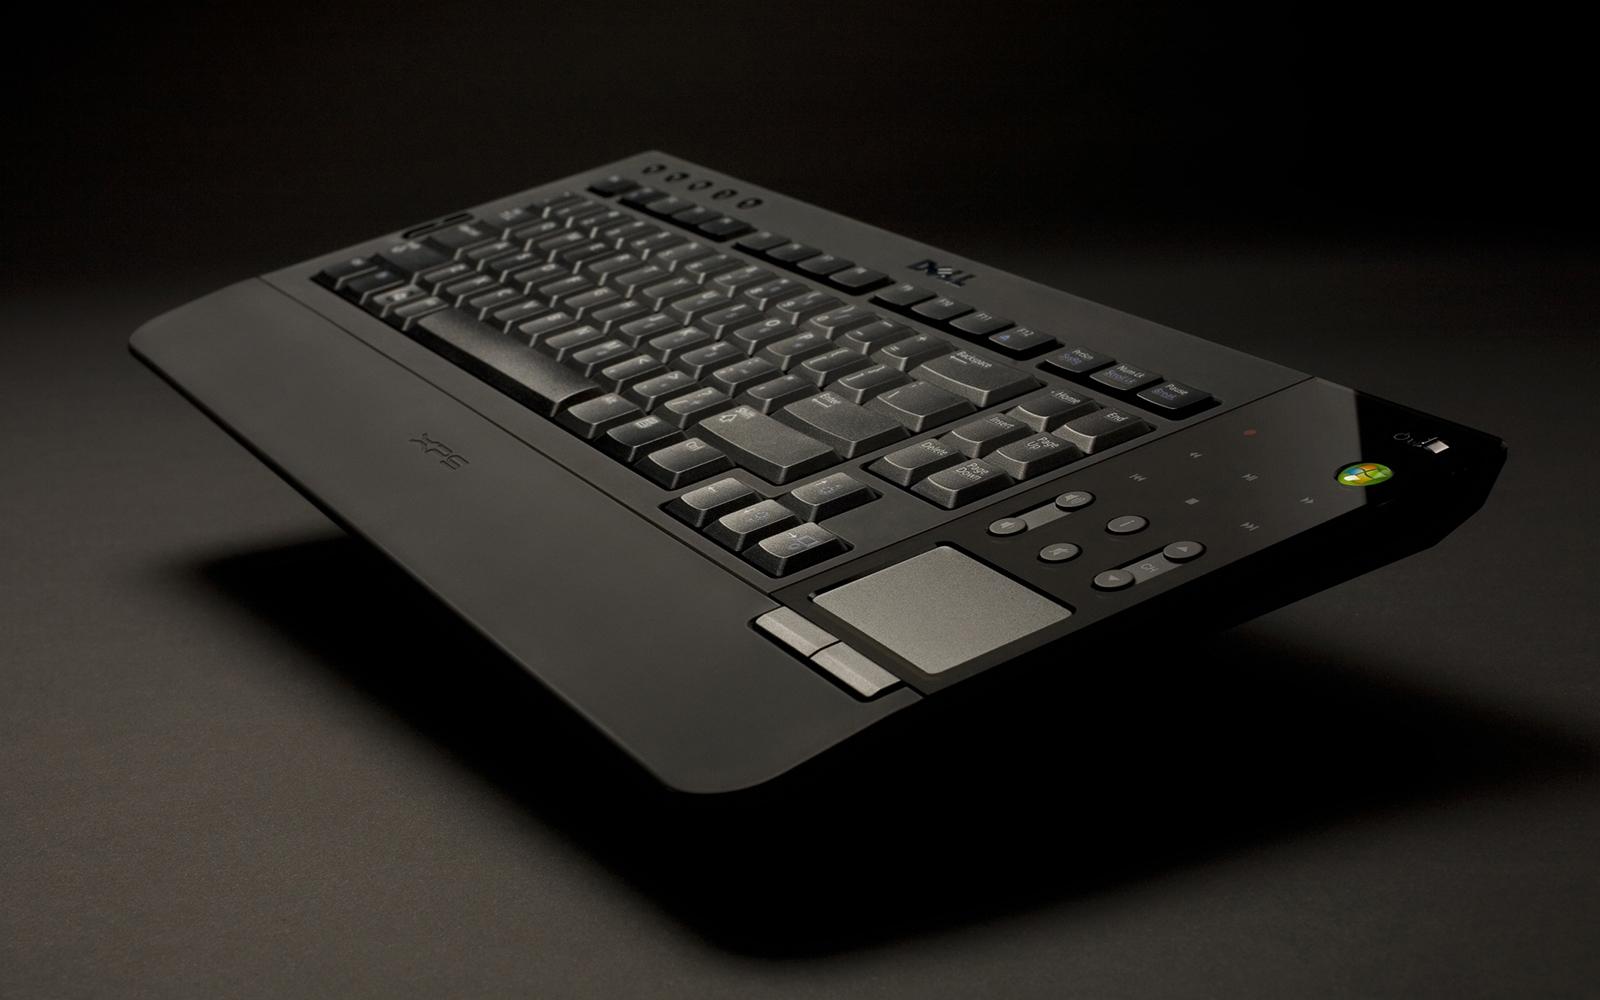 keyboard_img_3b-cropped.jpg